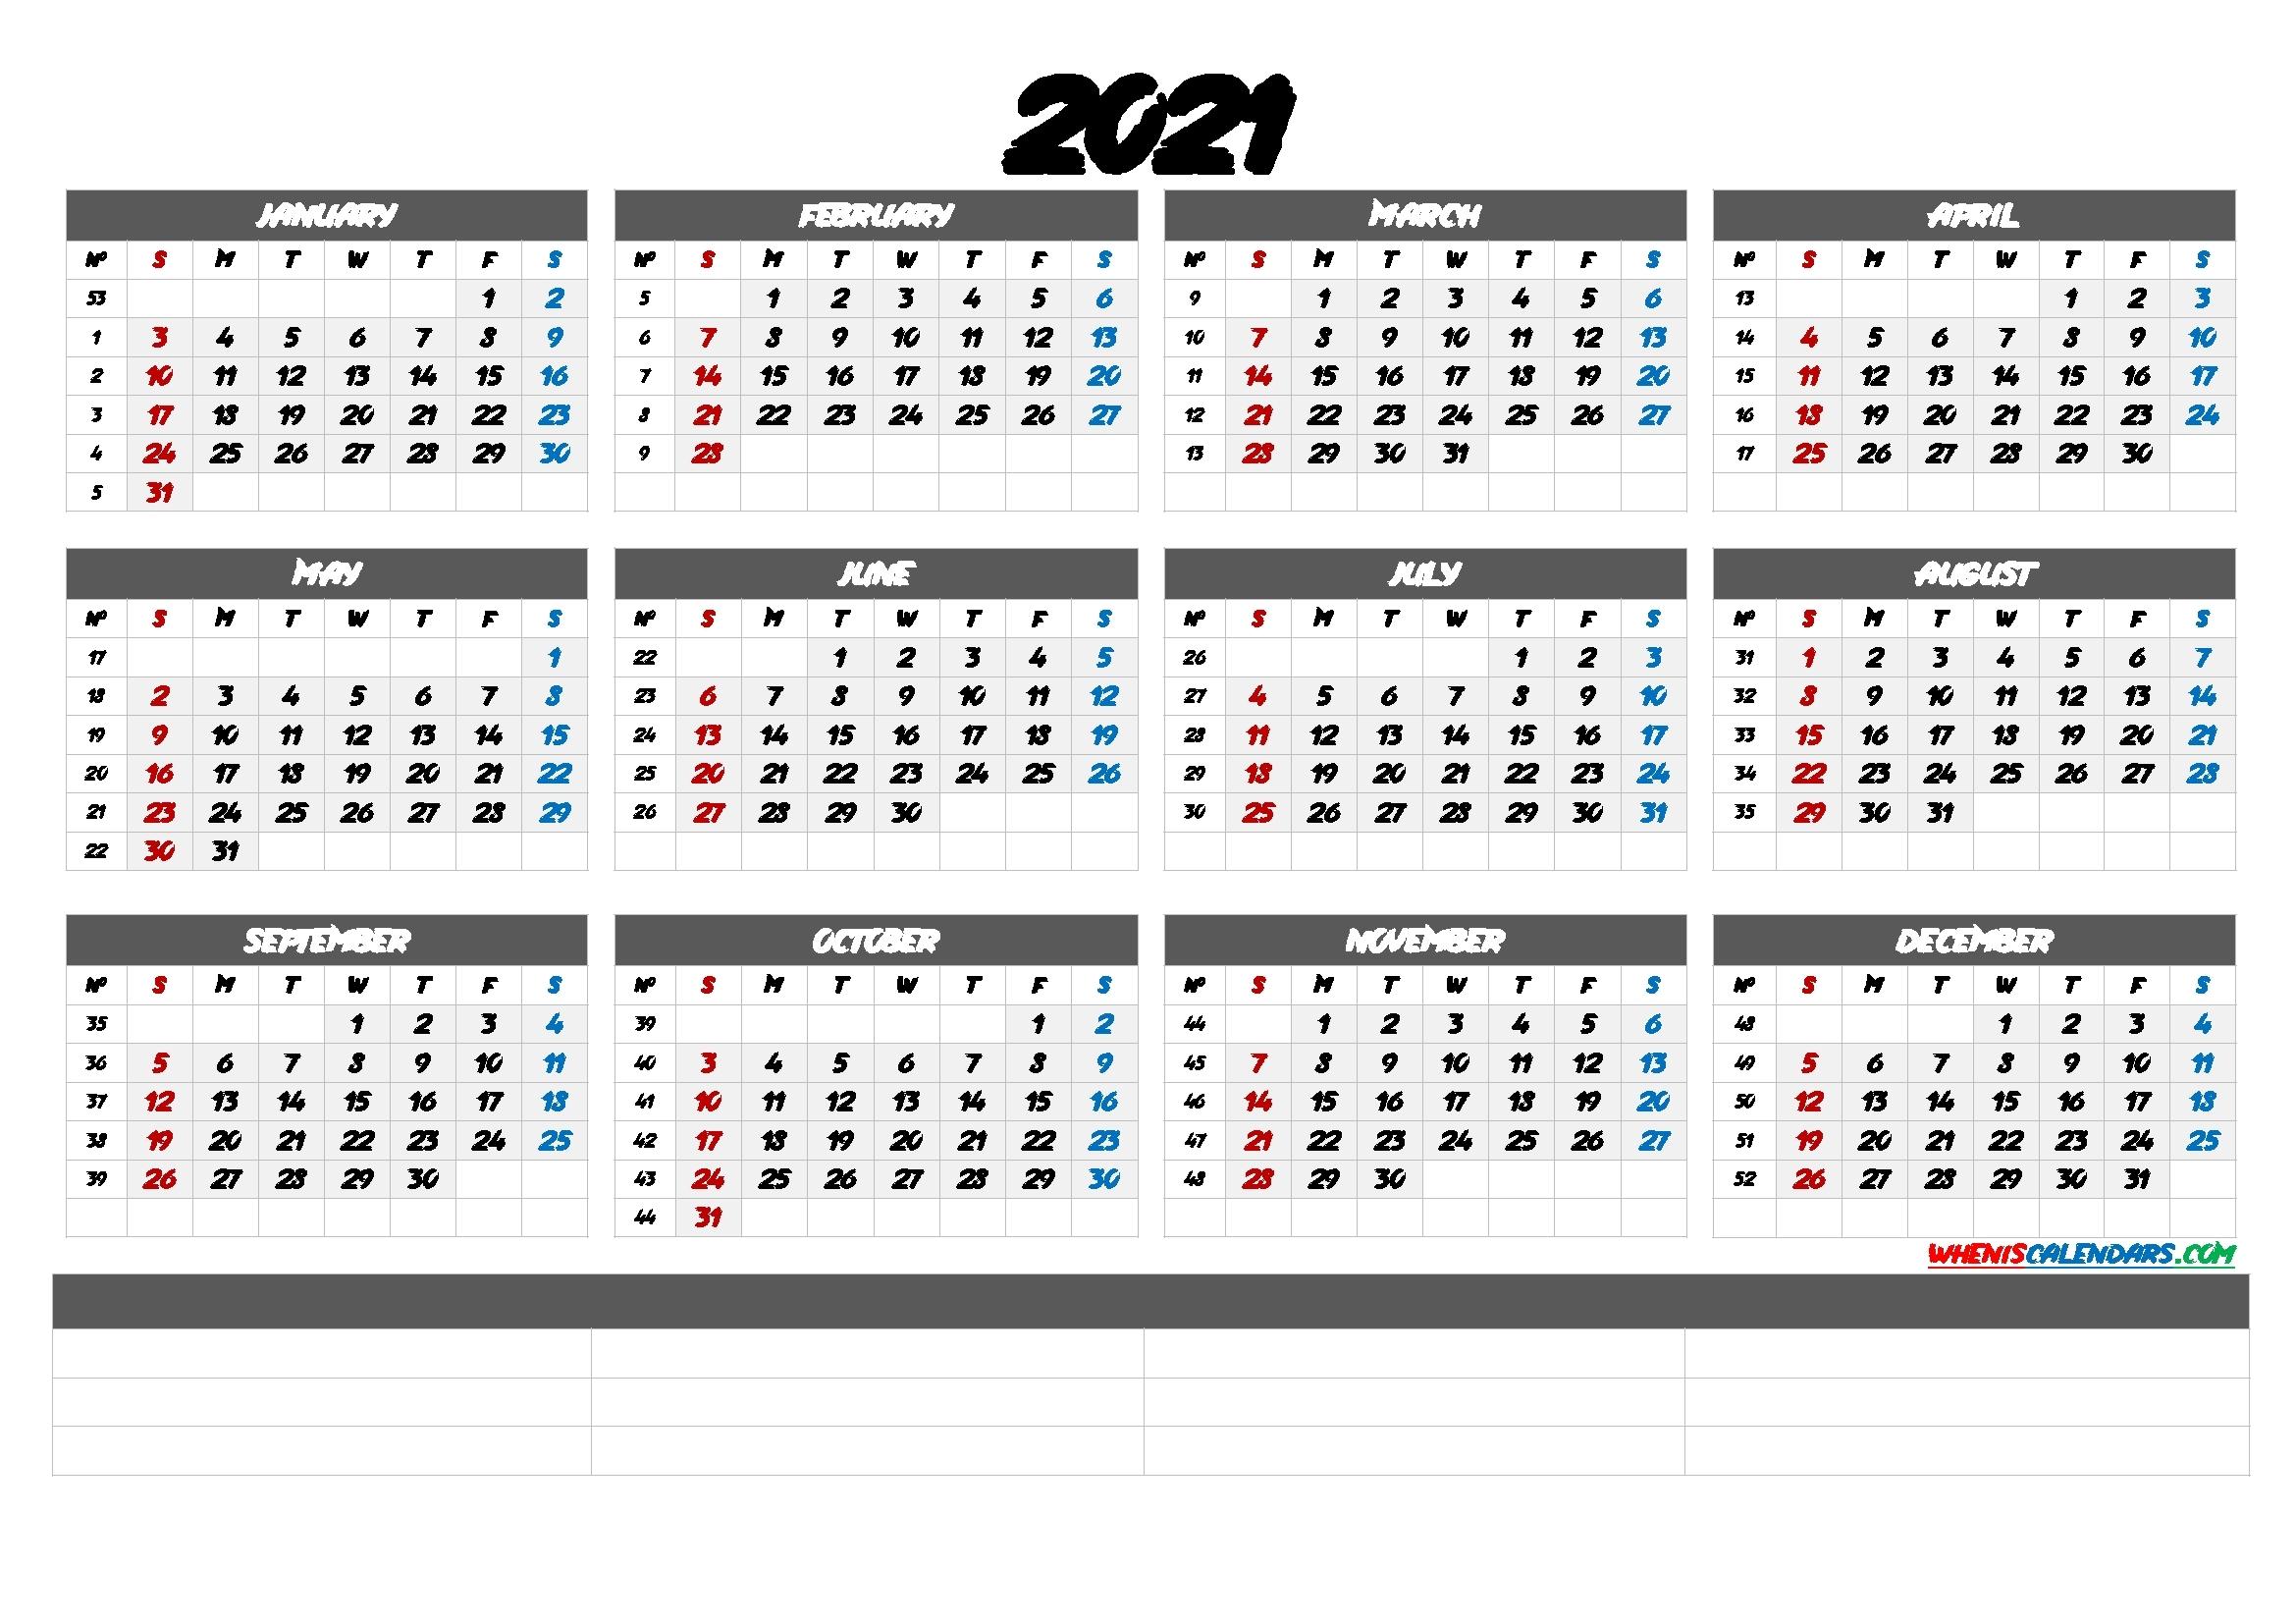 2021 Calendar With Week Number Printable Free / 2021 Free Printable Yearly Calendar With Week